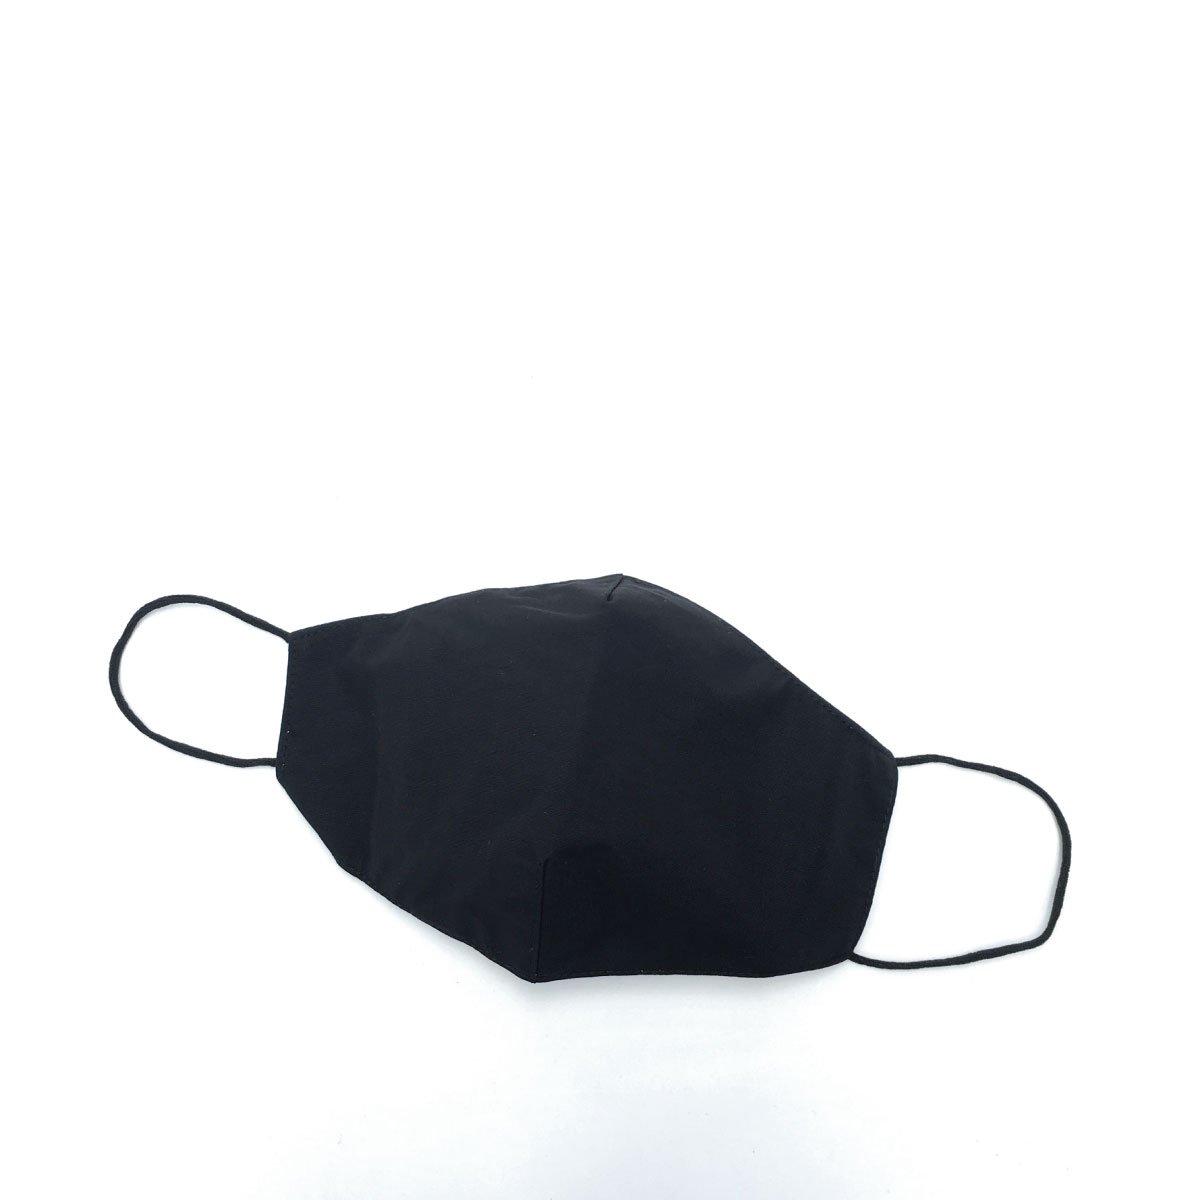 Washable Mask 詳細画像2